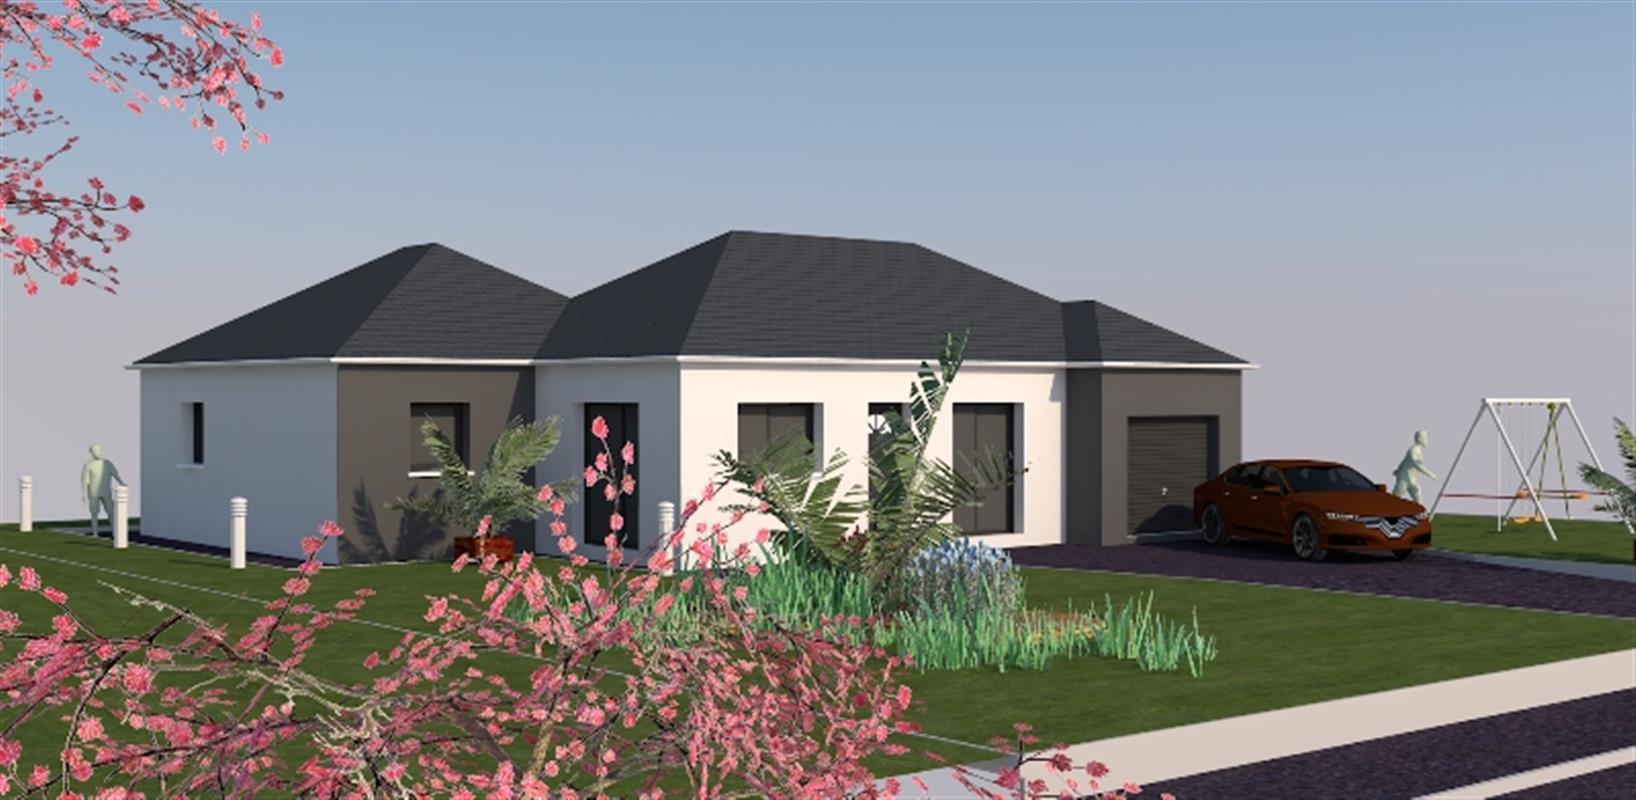 julia 91 m type f4 nos mod les de maisons neuves en ille et vilaine normandie et pays de. Black Bedroom Furniture Sets. Home Design Ideas